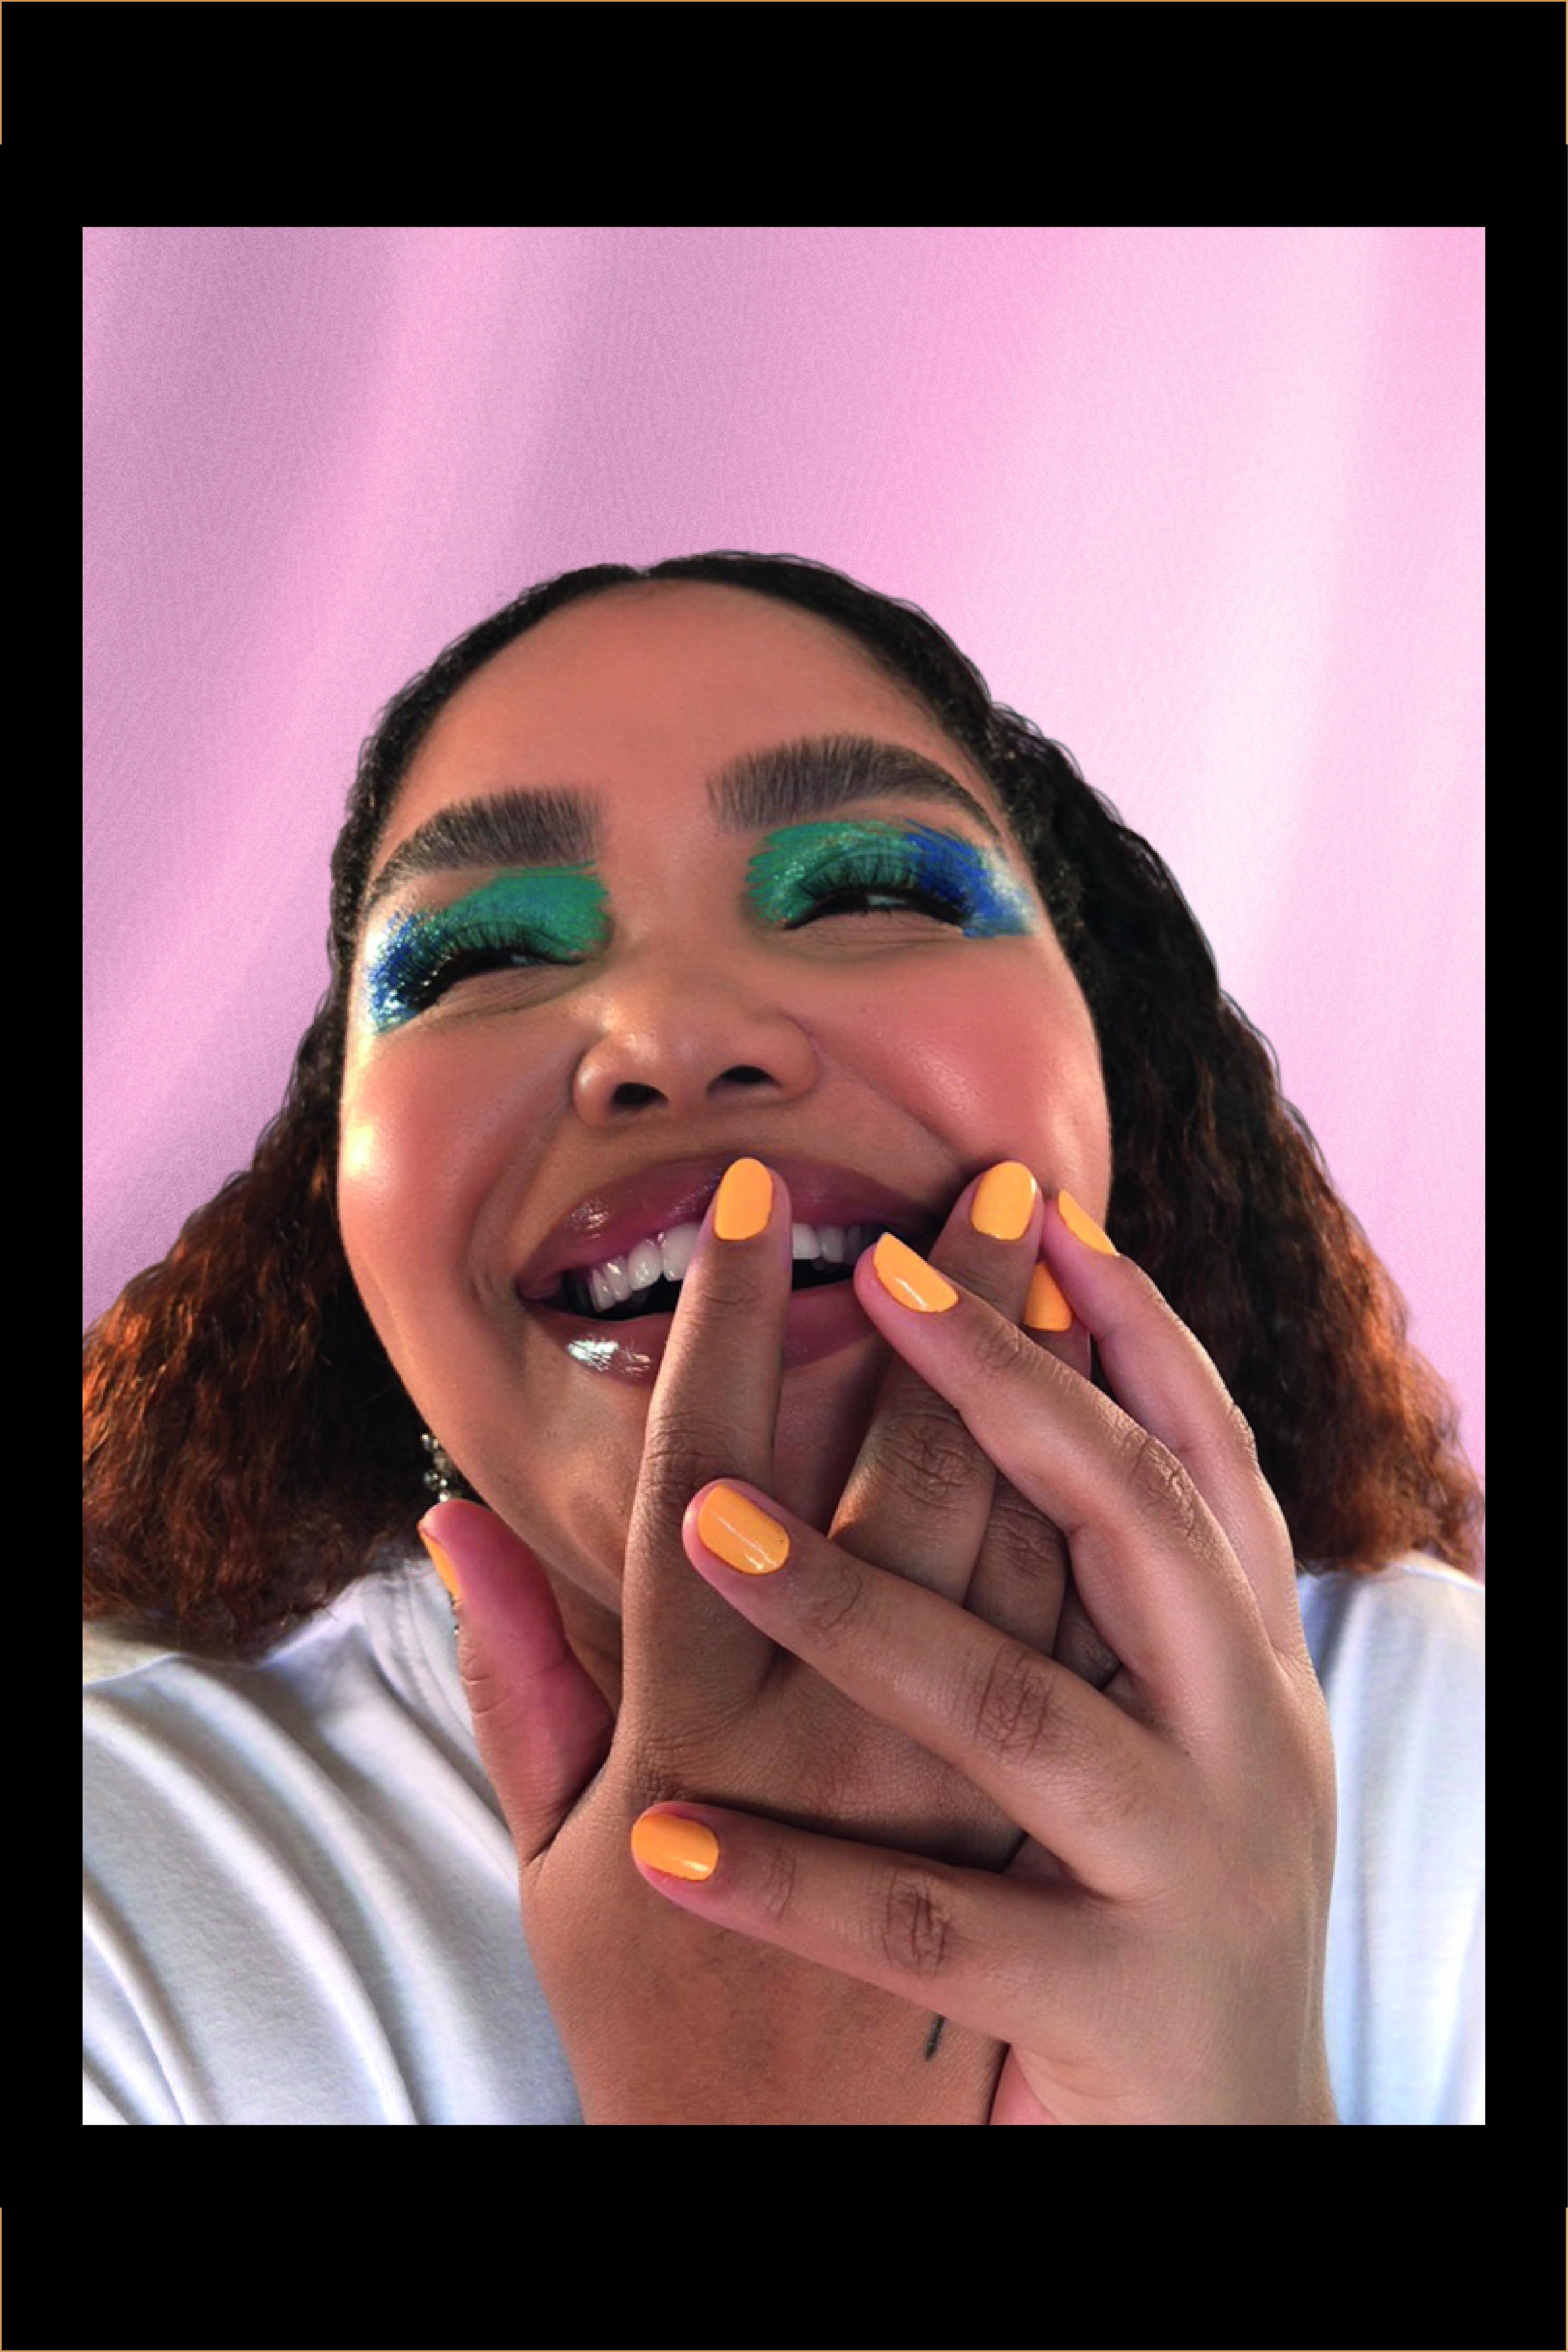 Mulher com os olhos maquiados com sombra azul e unhas pintadas de amarelo dá risada